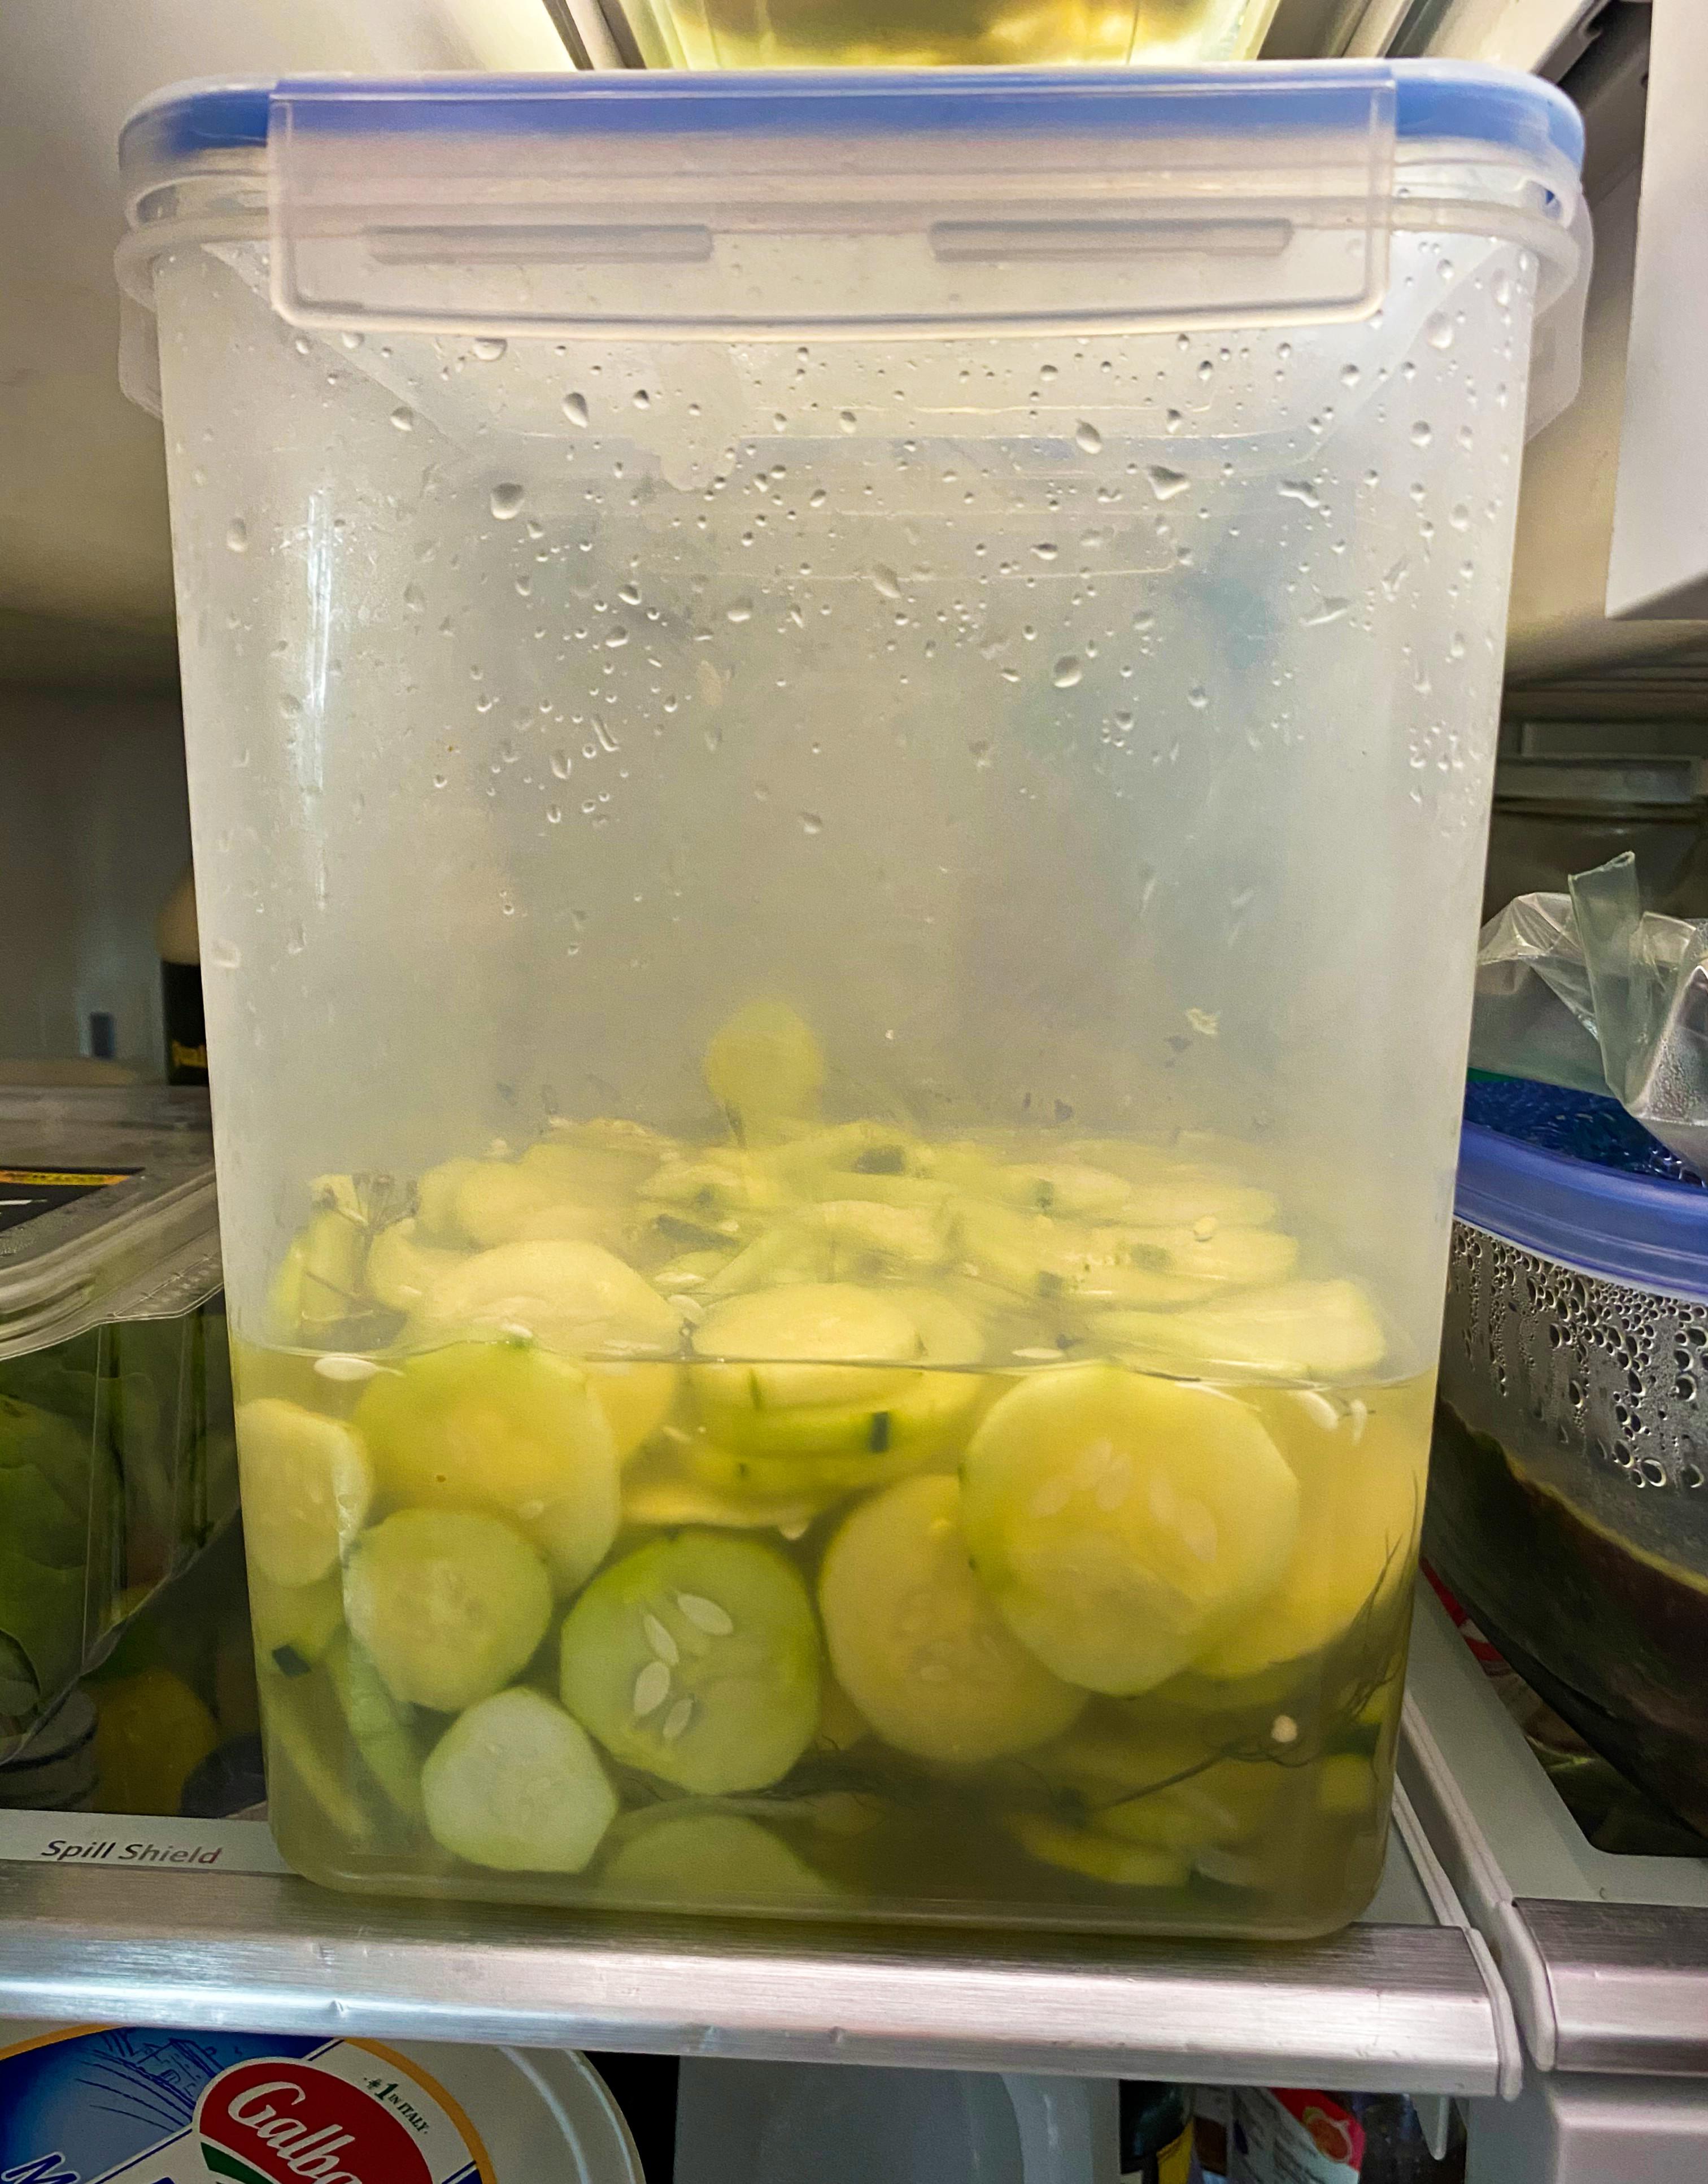 2020.07.23 cucumber salad